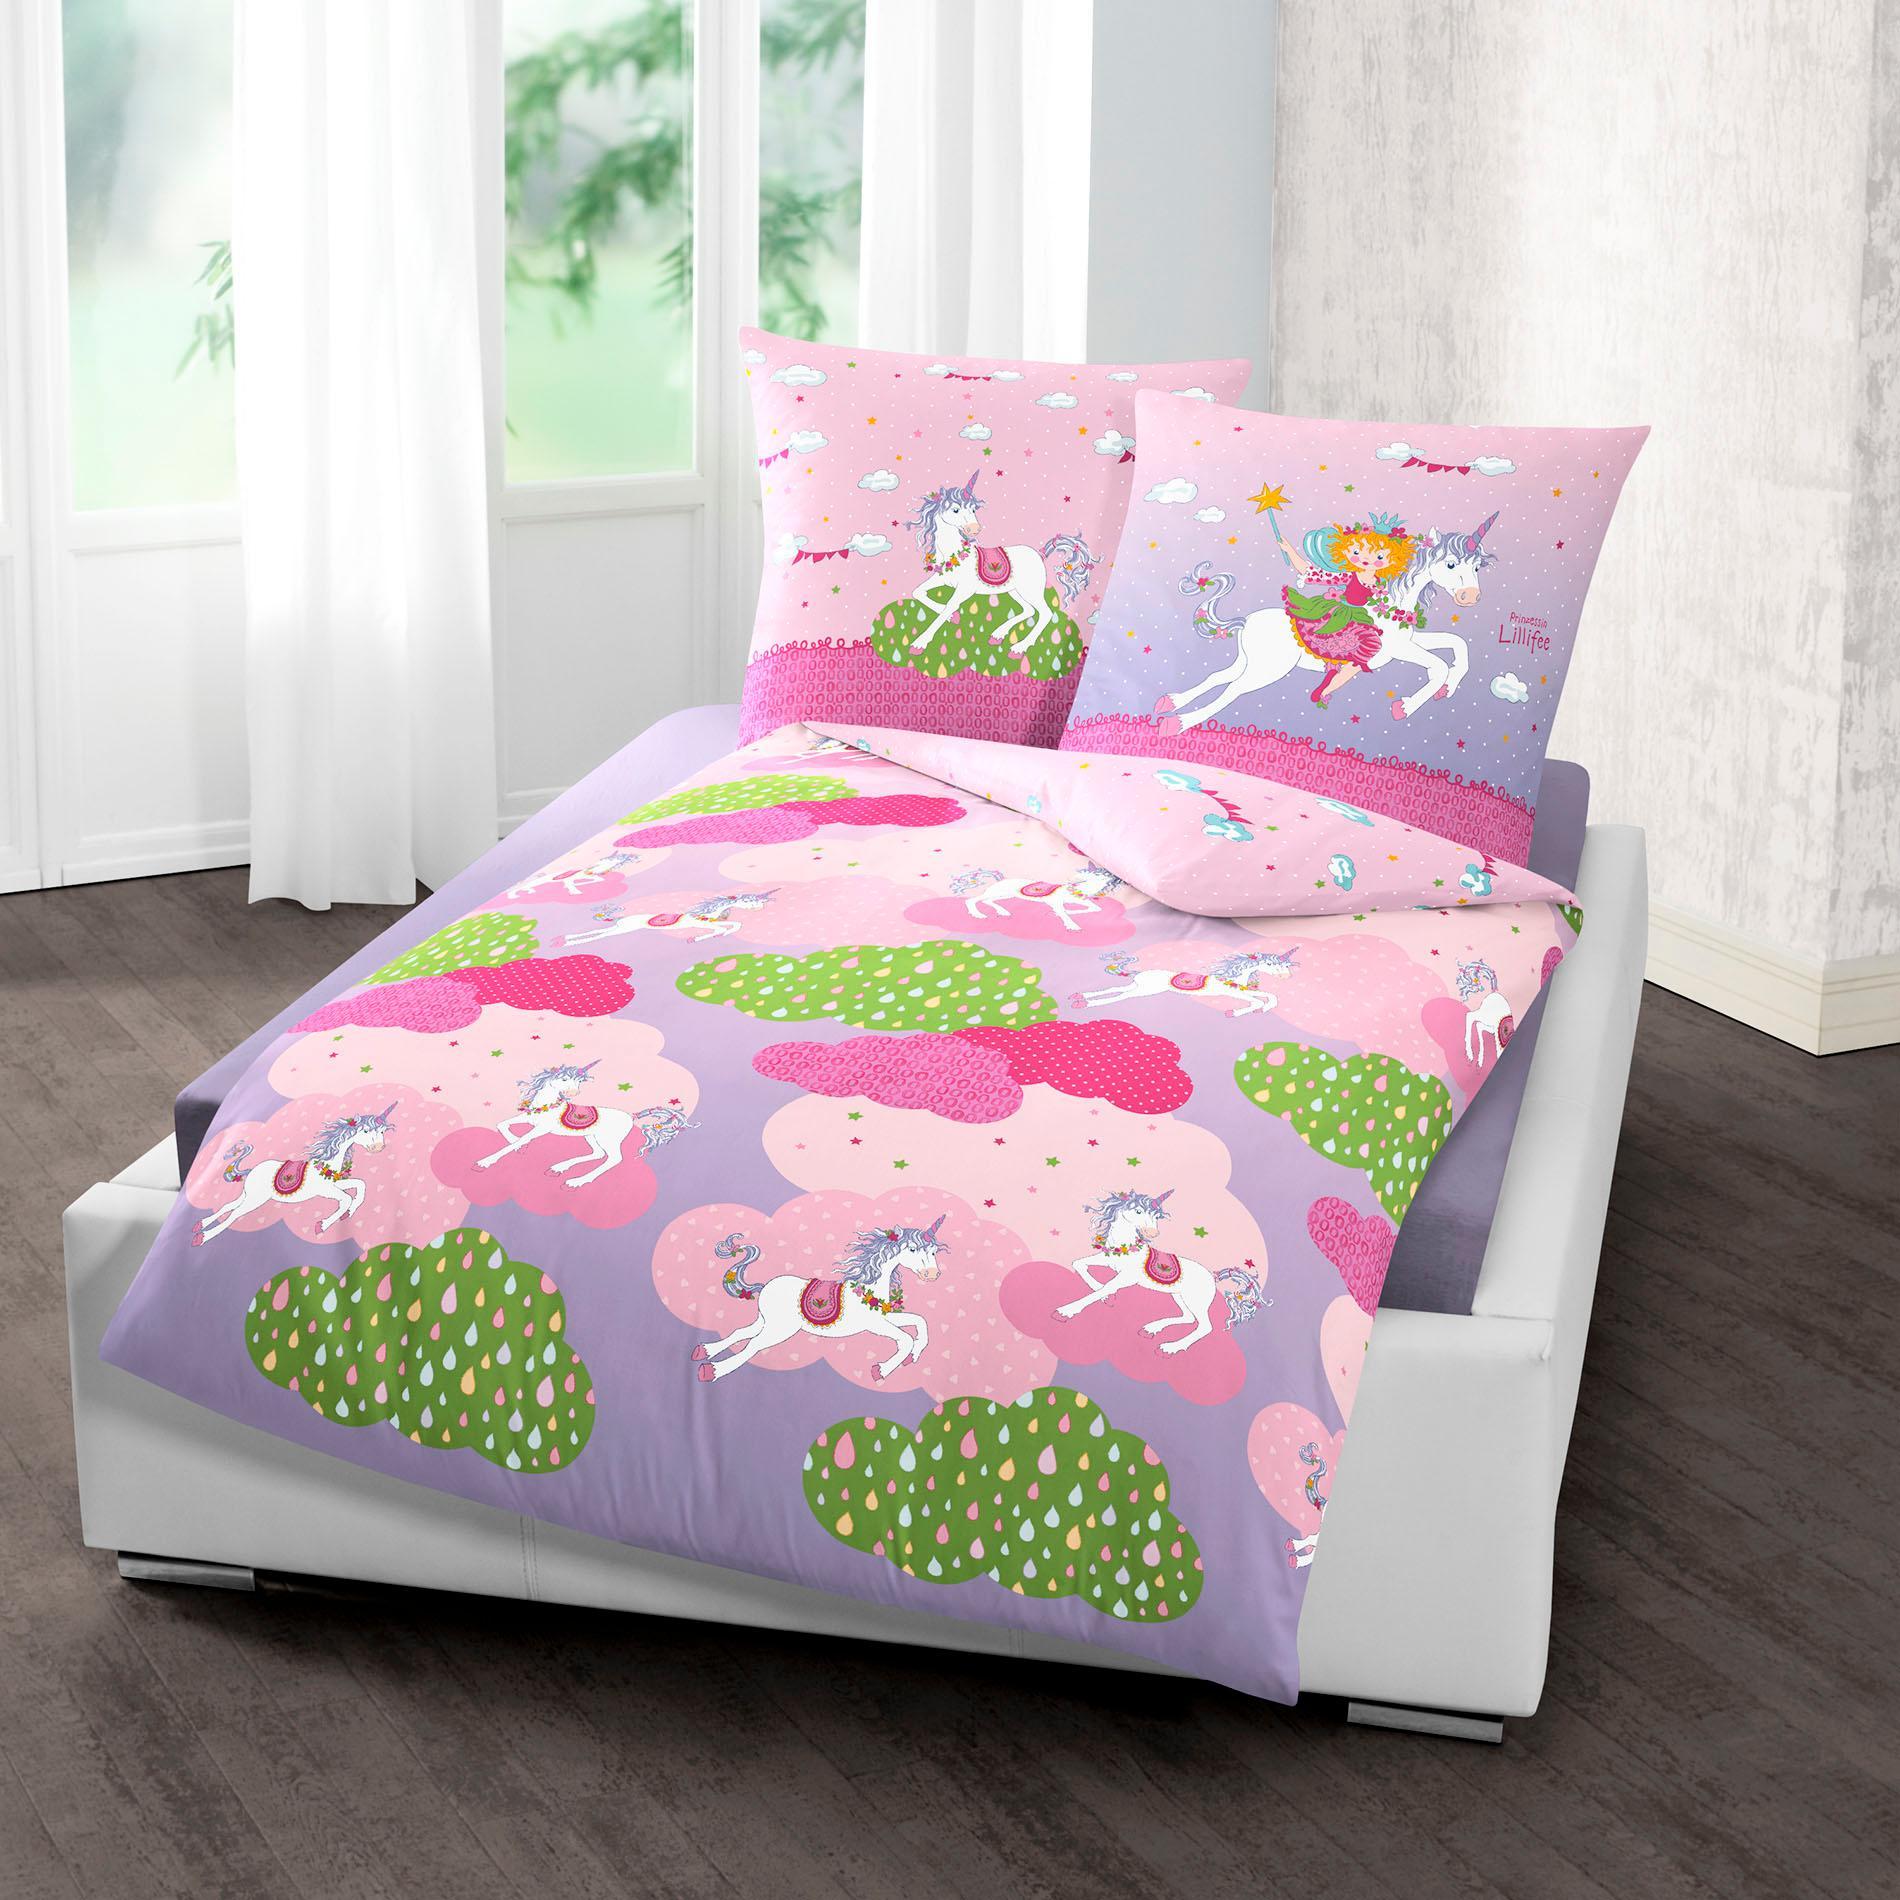 Kinderbettwäsche »Einhorn«, Prinzessin Lillifee | Kinderzimmer > Textilien für Kinder > Kinderbettwäsche | Rosa | Baumwolle | PRINZESSIN LILLIFEE